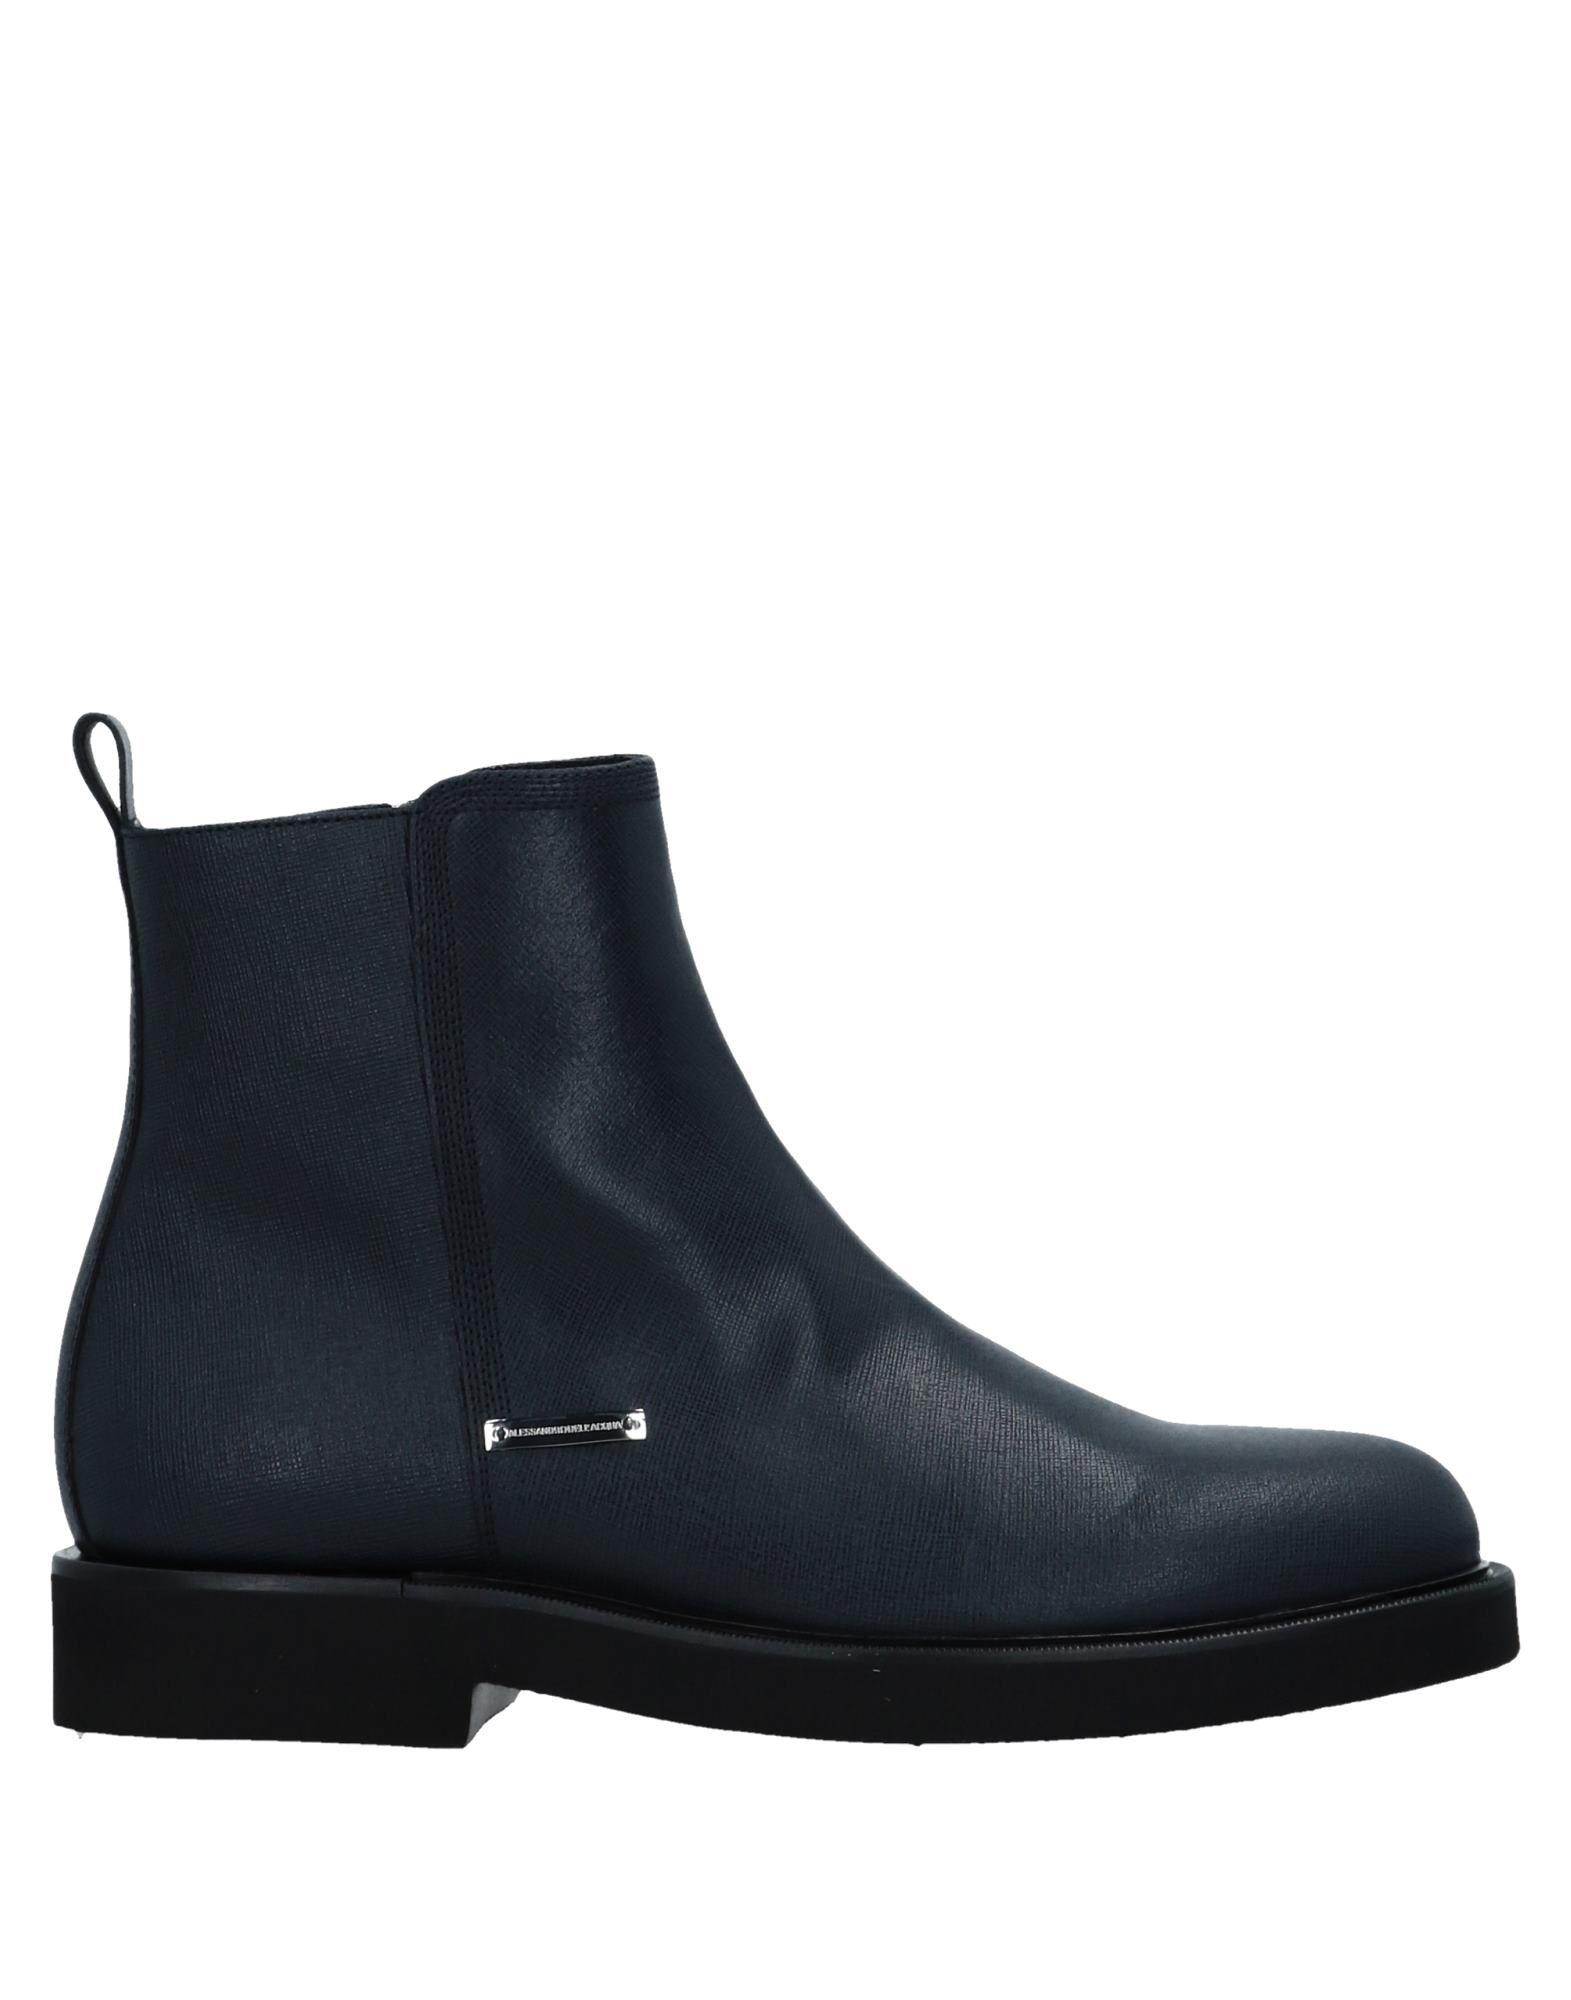 Alessandro Dell'acqua Stiefelette Herren  11534877AL Gute Qualität beliebte Schuhe